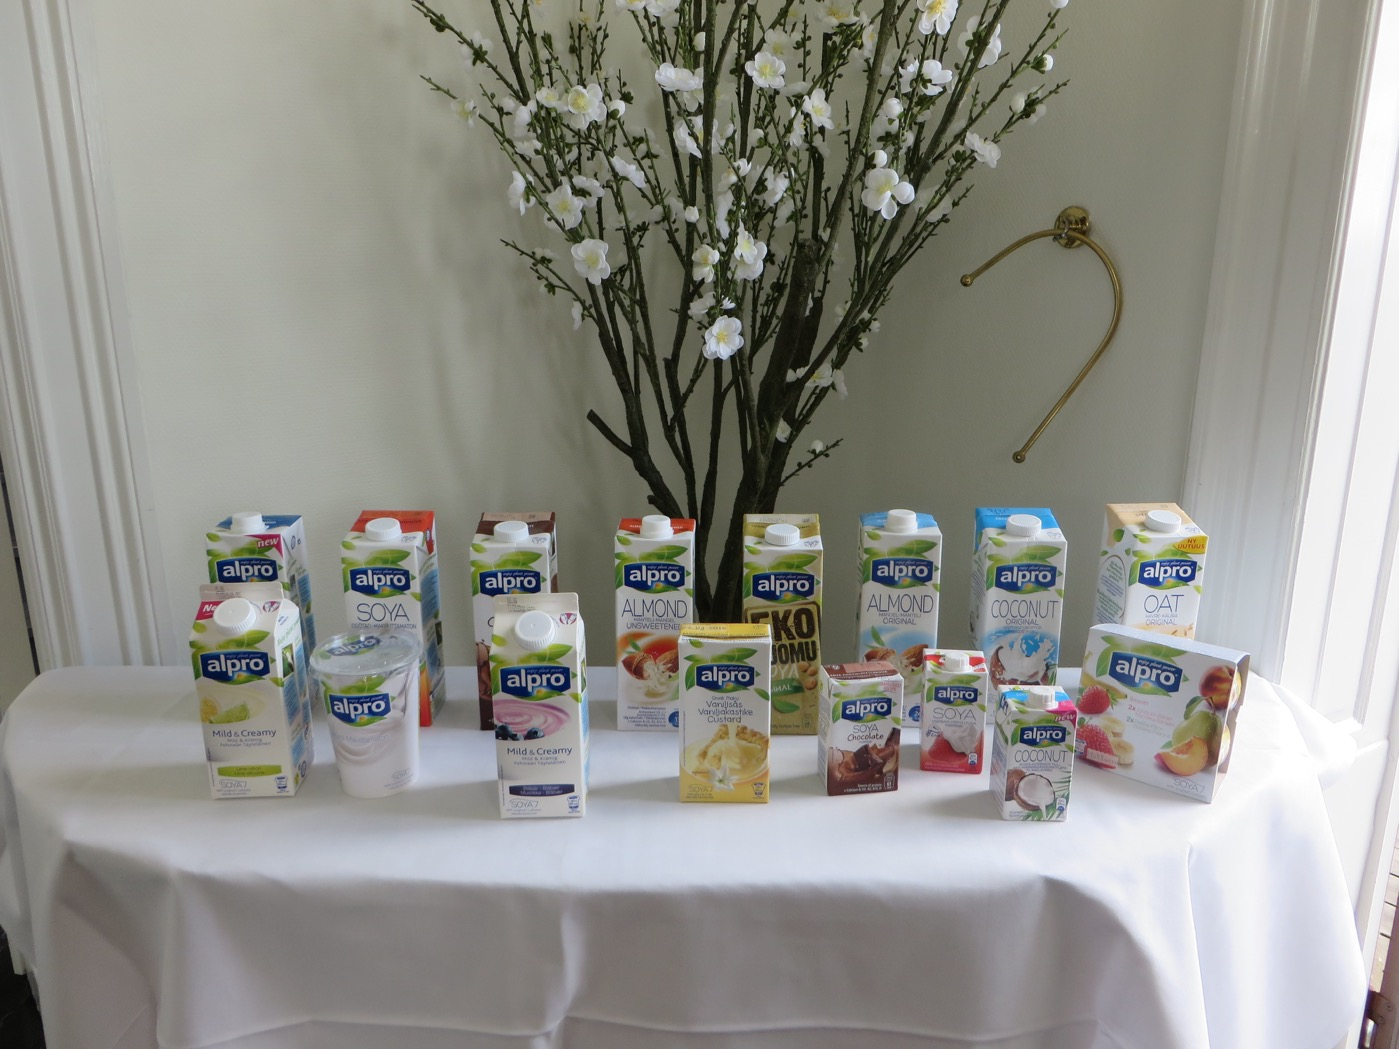 Alpros hälsosamma växtbaserade produkter.